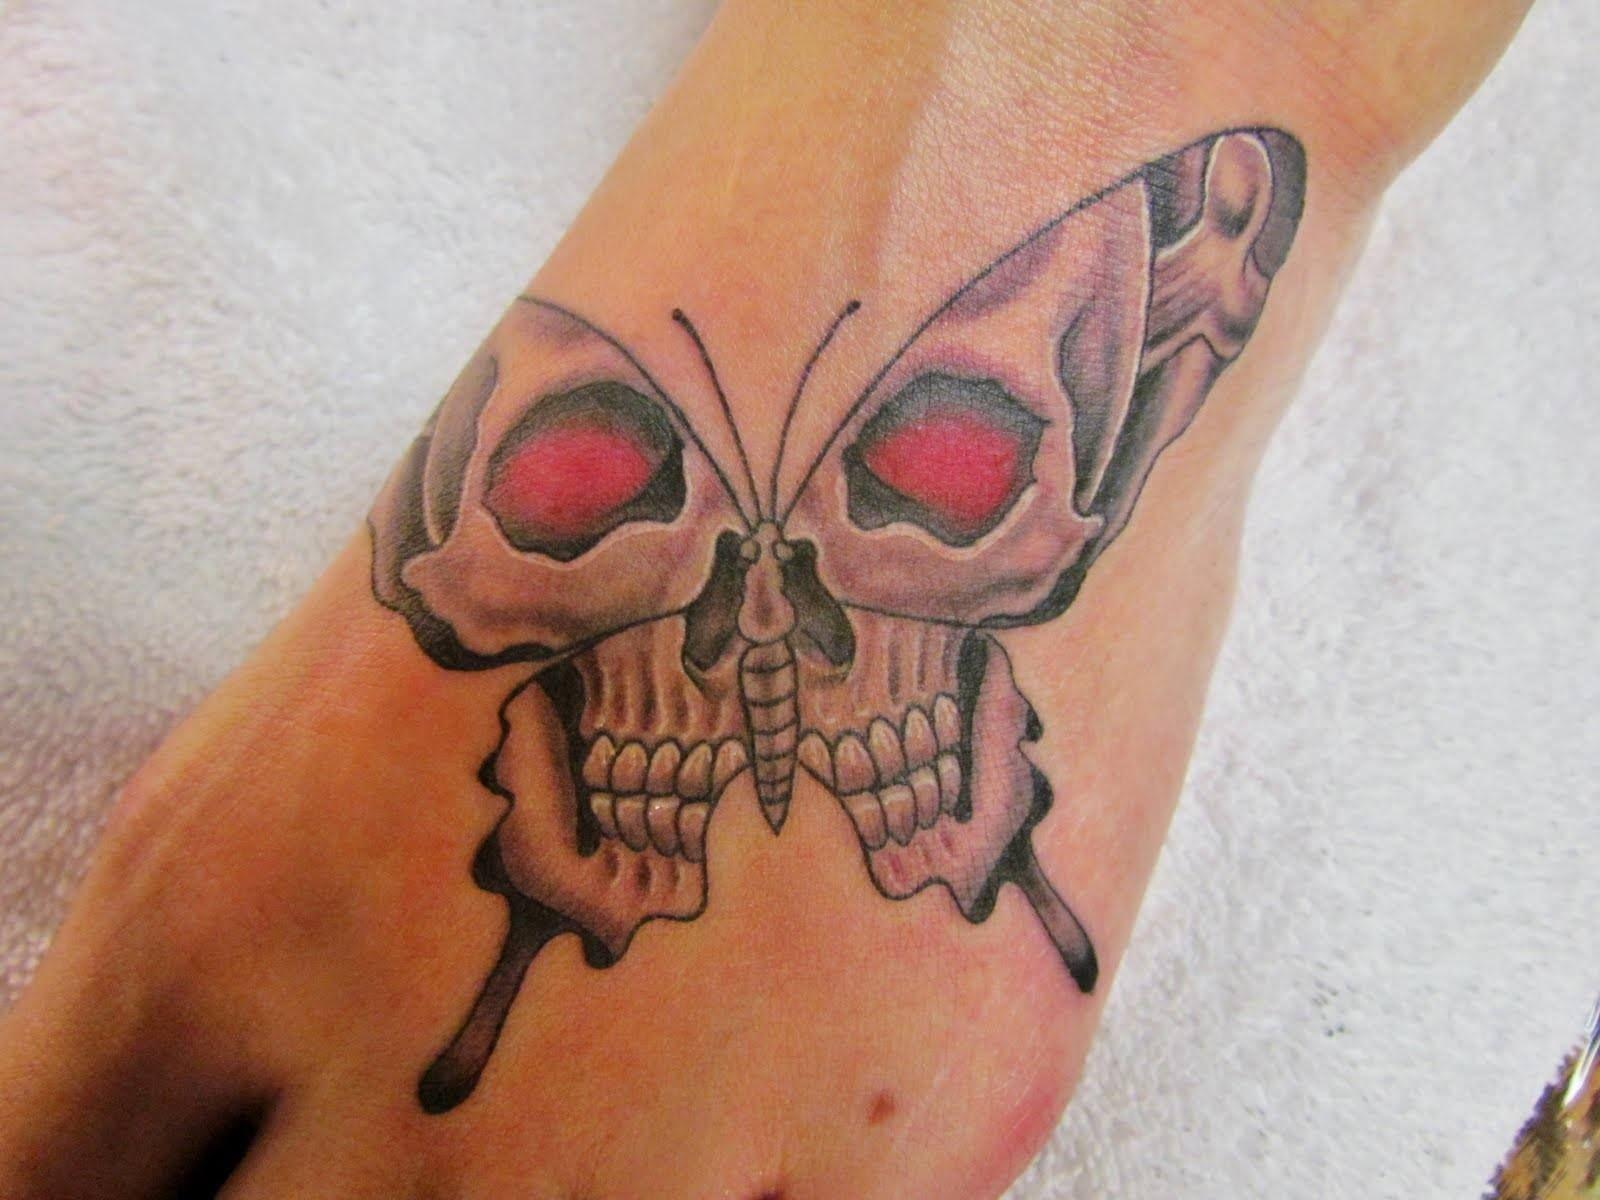 76 crazy skull tattoos designs tattoo designs tattoo and pocket rh pinterest ie Butterfly Skull and Crossbones Tattoo Skull and Cross Tattoo Designs